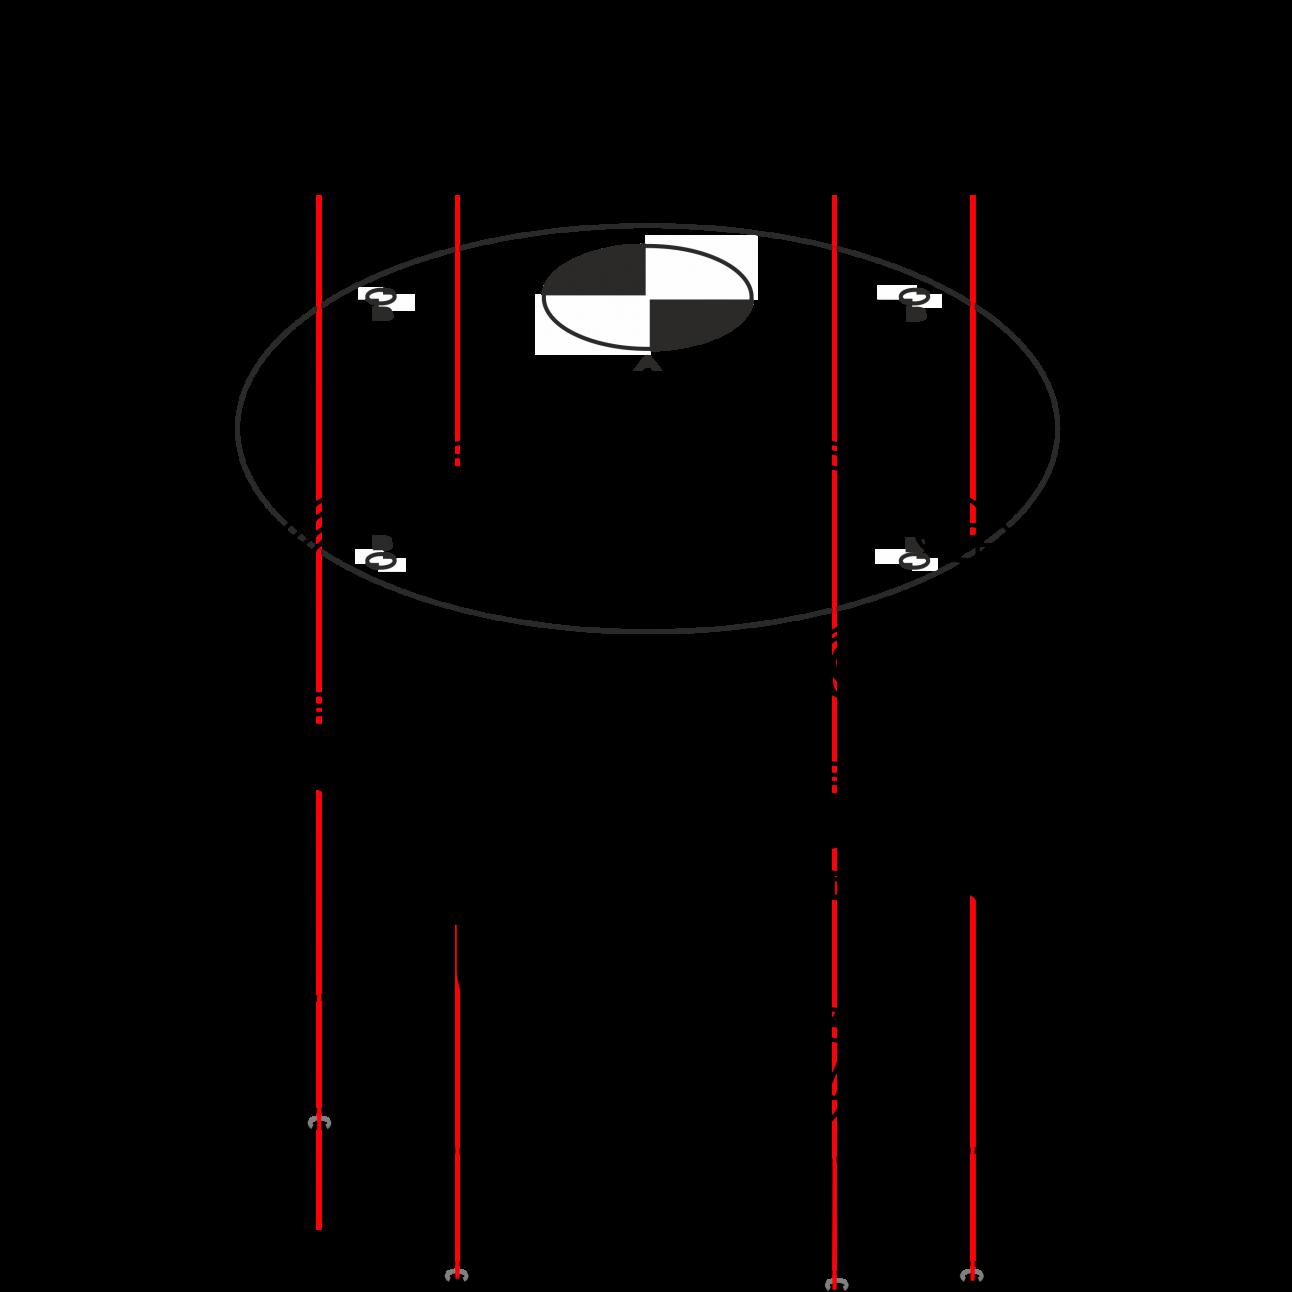 Проектная IP камера OMNY M14E 2812 купольная OMNY PRO серии Мира. 4Мп/25кс, H.265, управл. IR, мотор.объектив 2.8-12мм, PoE/12В, EasyMic (имеет сколы)